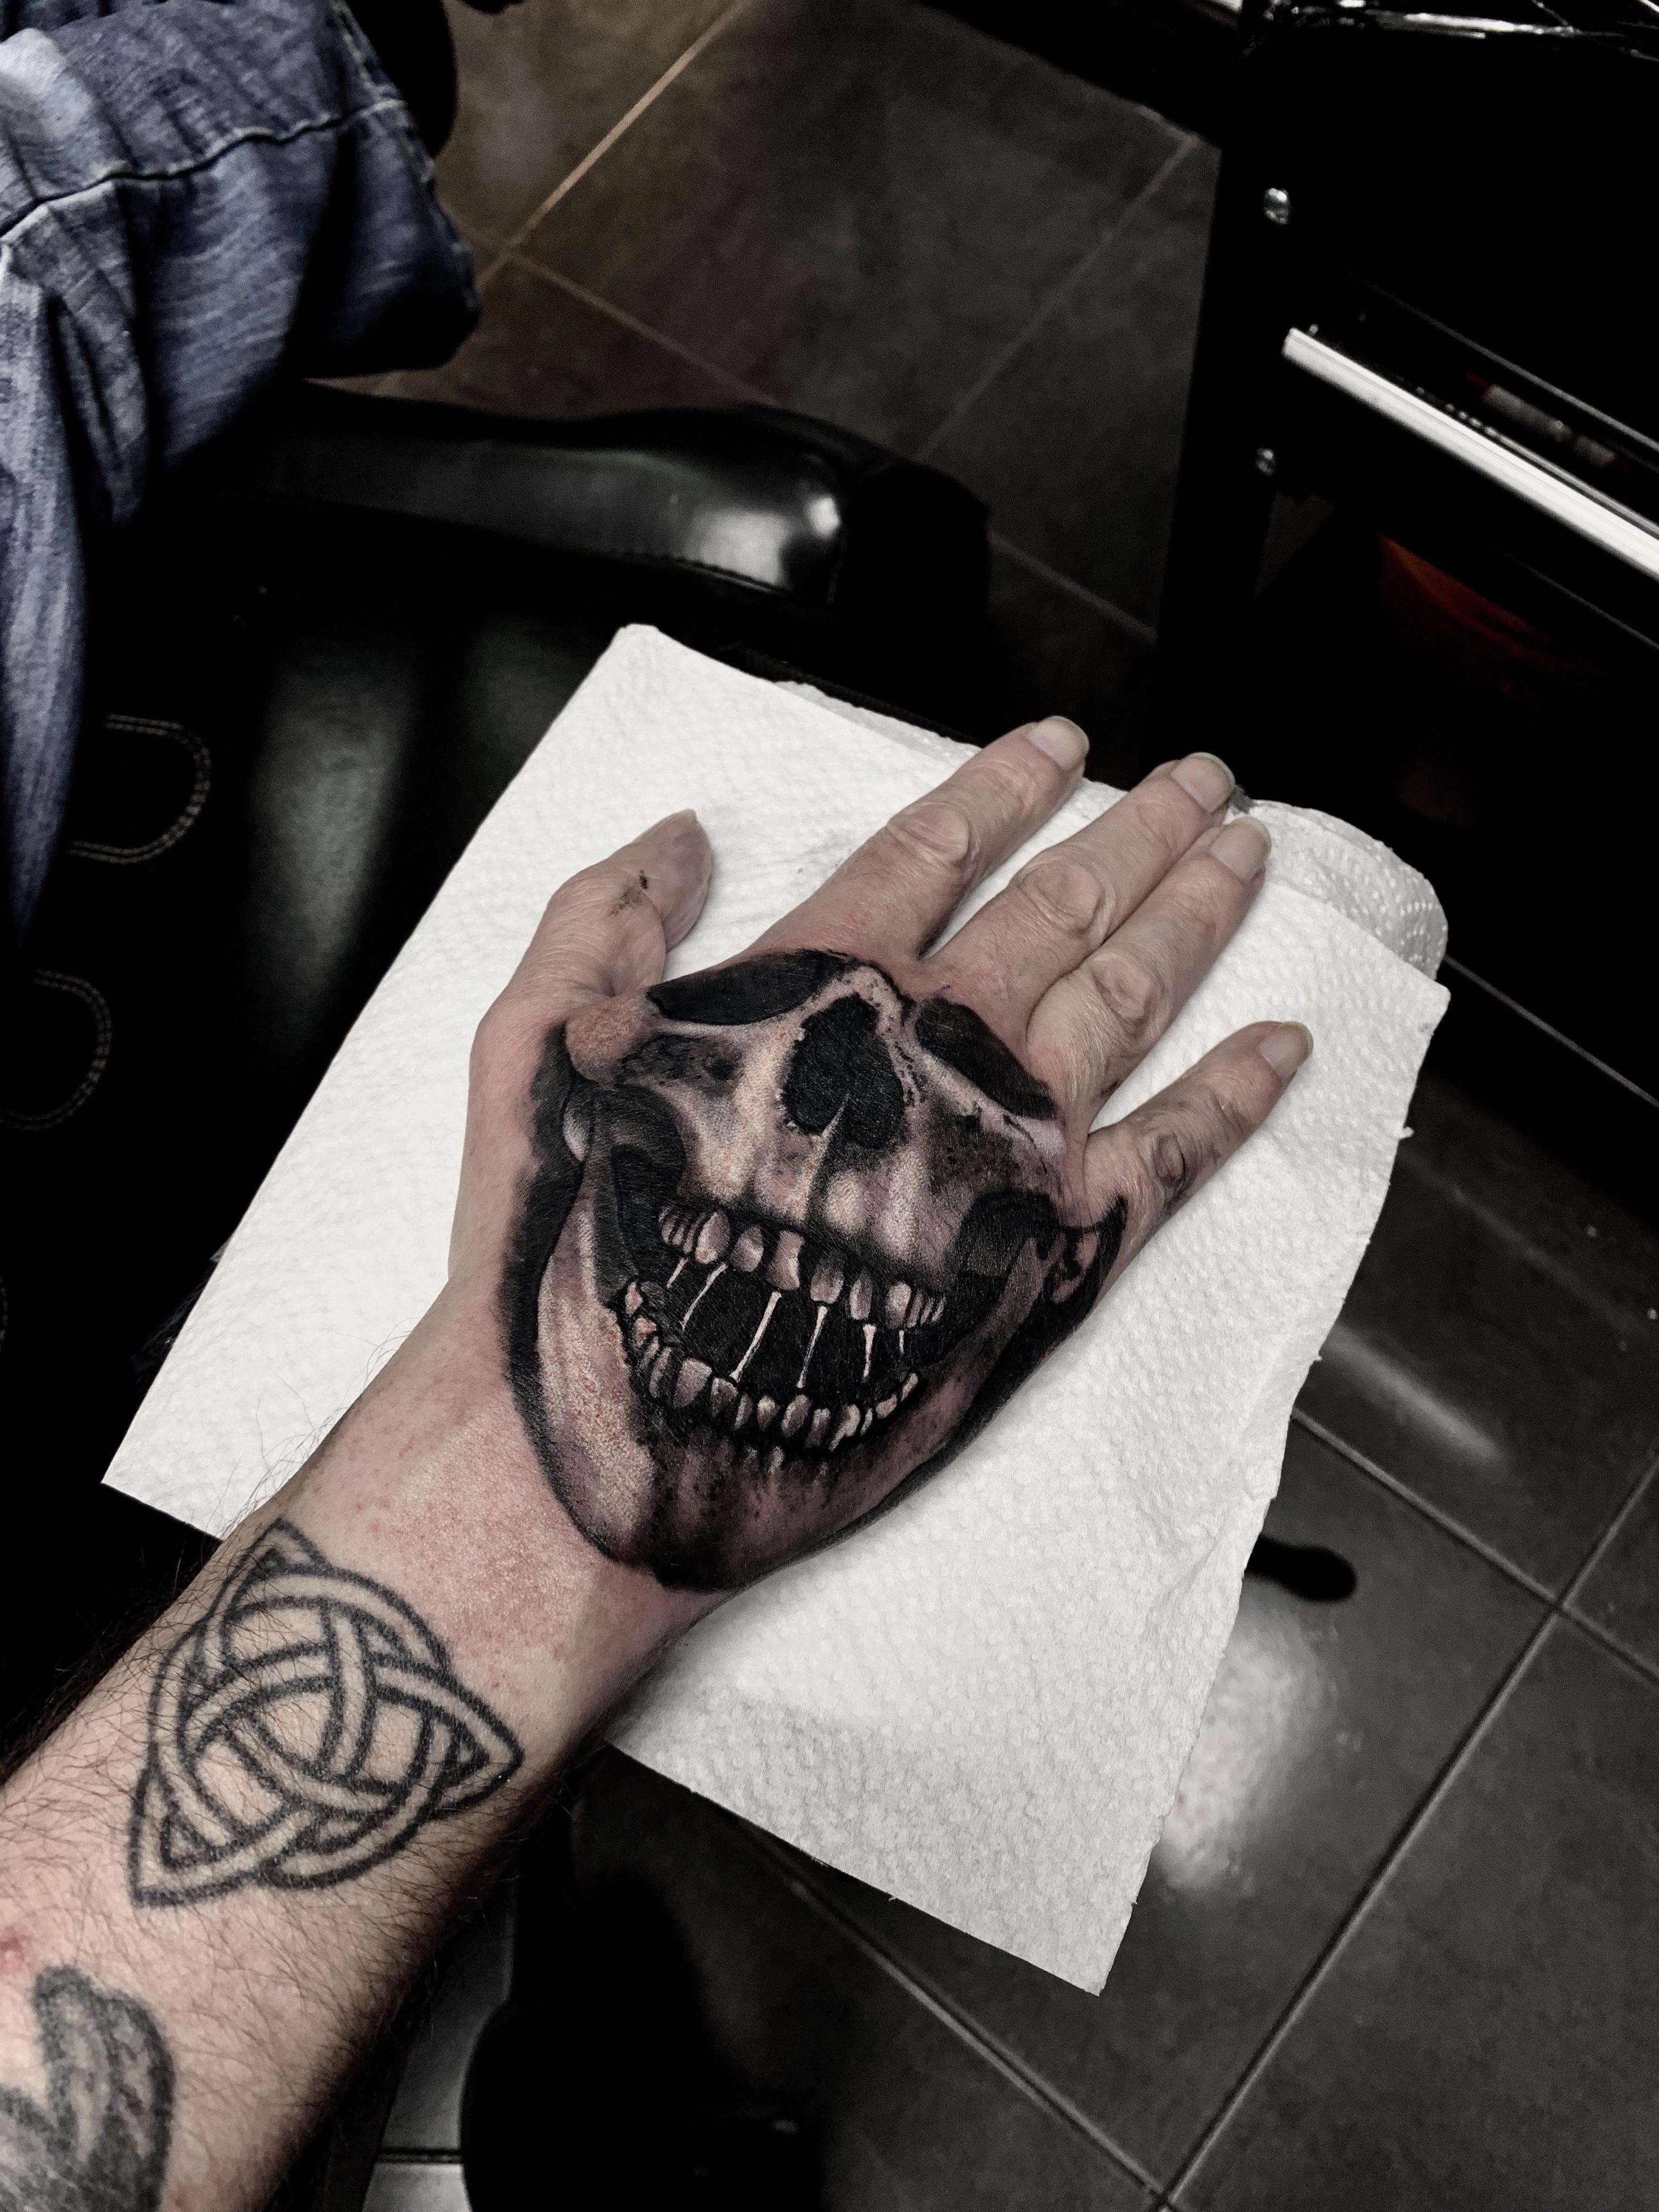 e0adee7f8f274 Hand skull mask tattoo #skulltattoo #handtattoo | My work | Mask ...